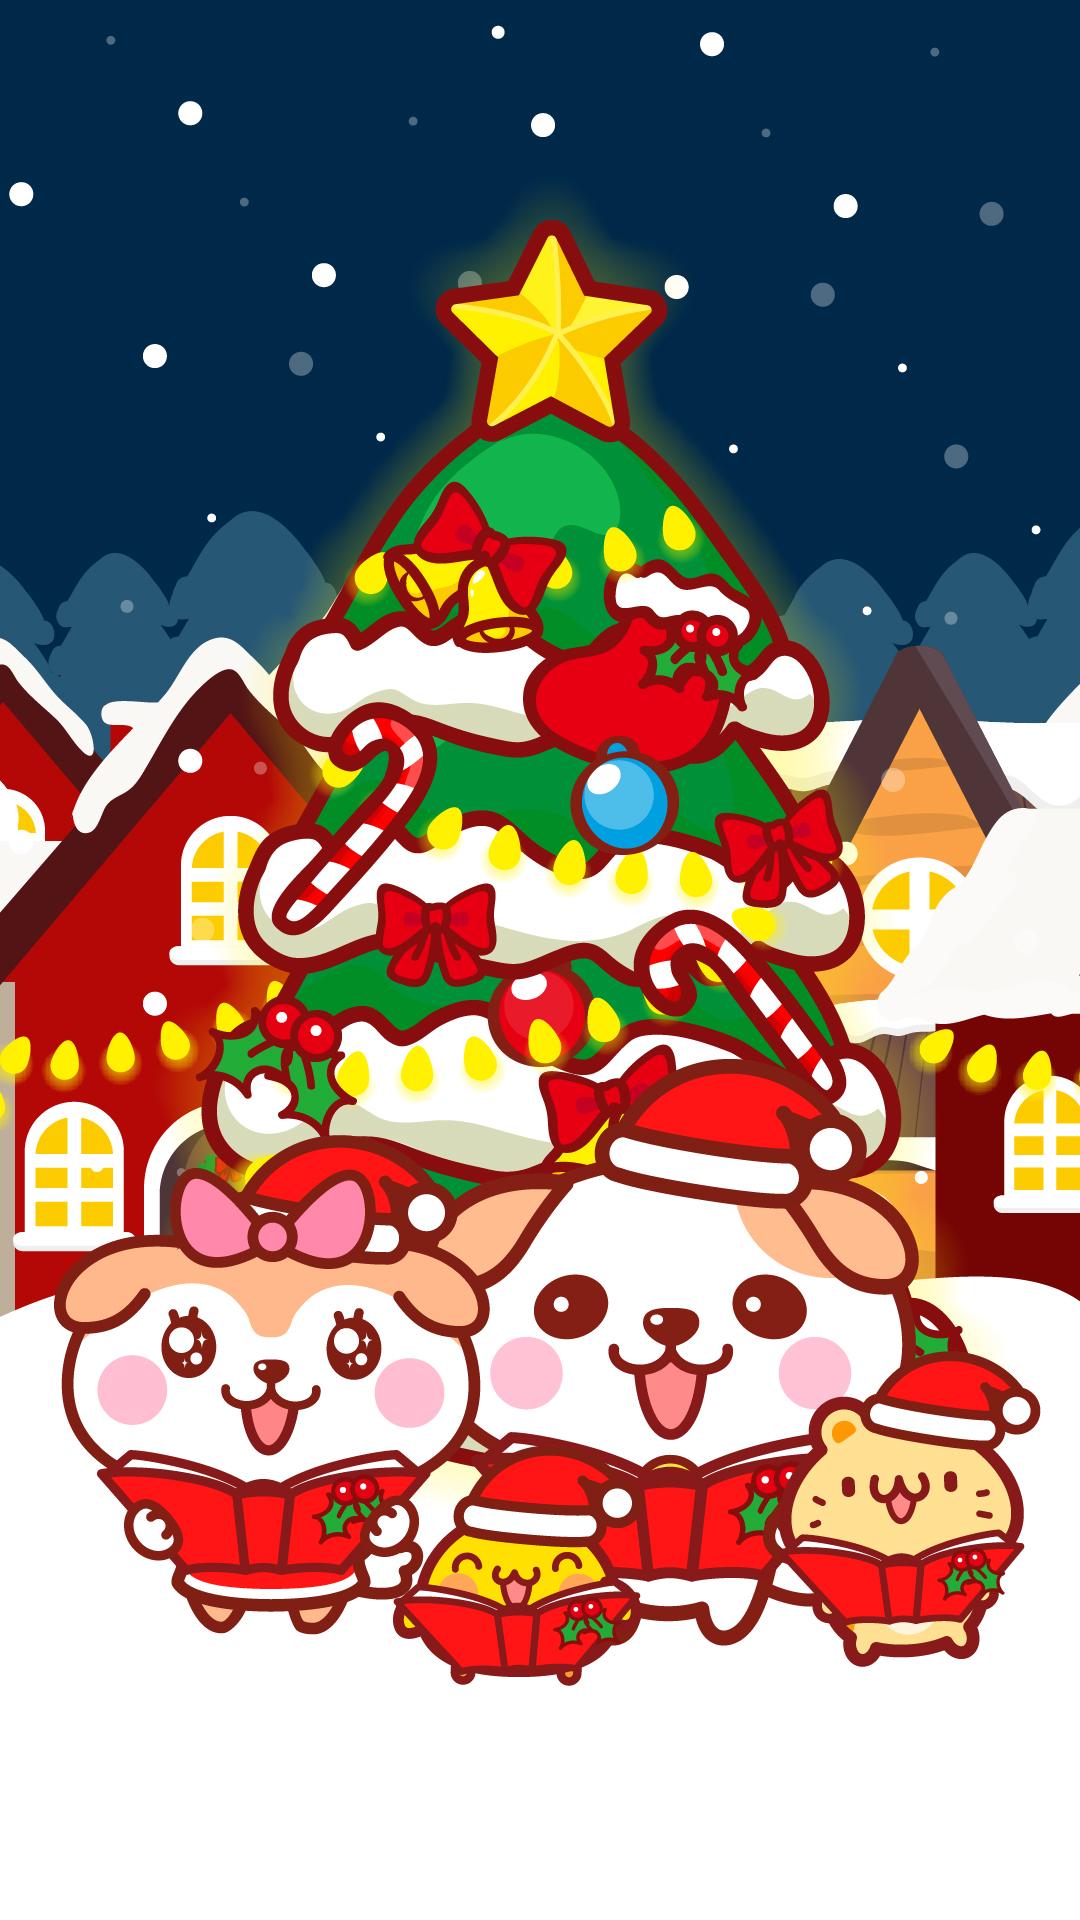 秋田君的圣诞